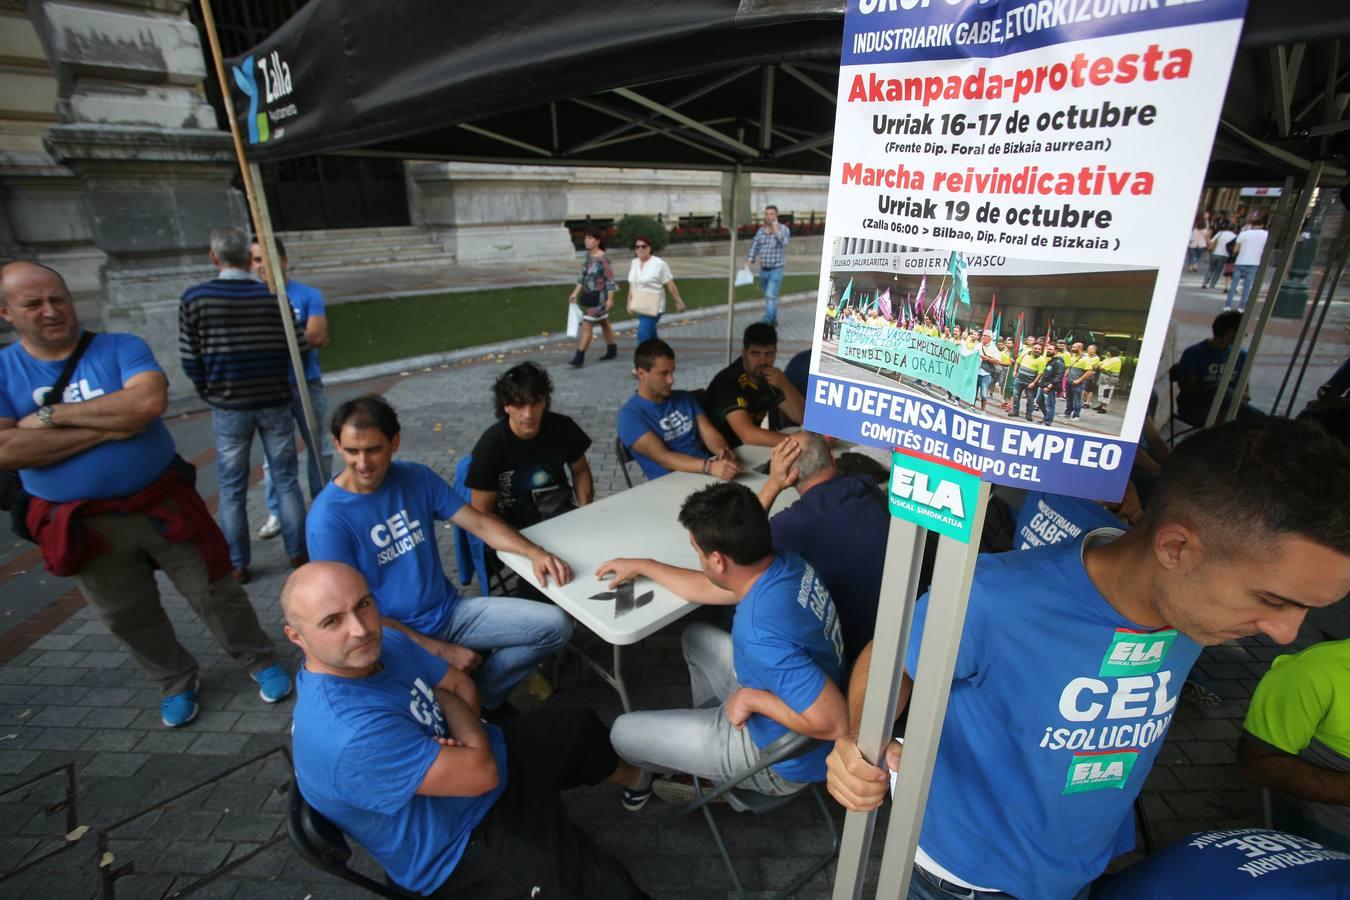 Acampada de los trabajadores de CEL frente al palacio foral